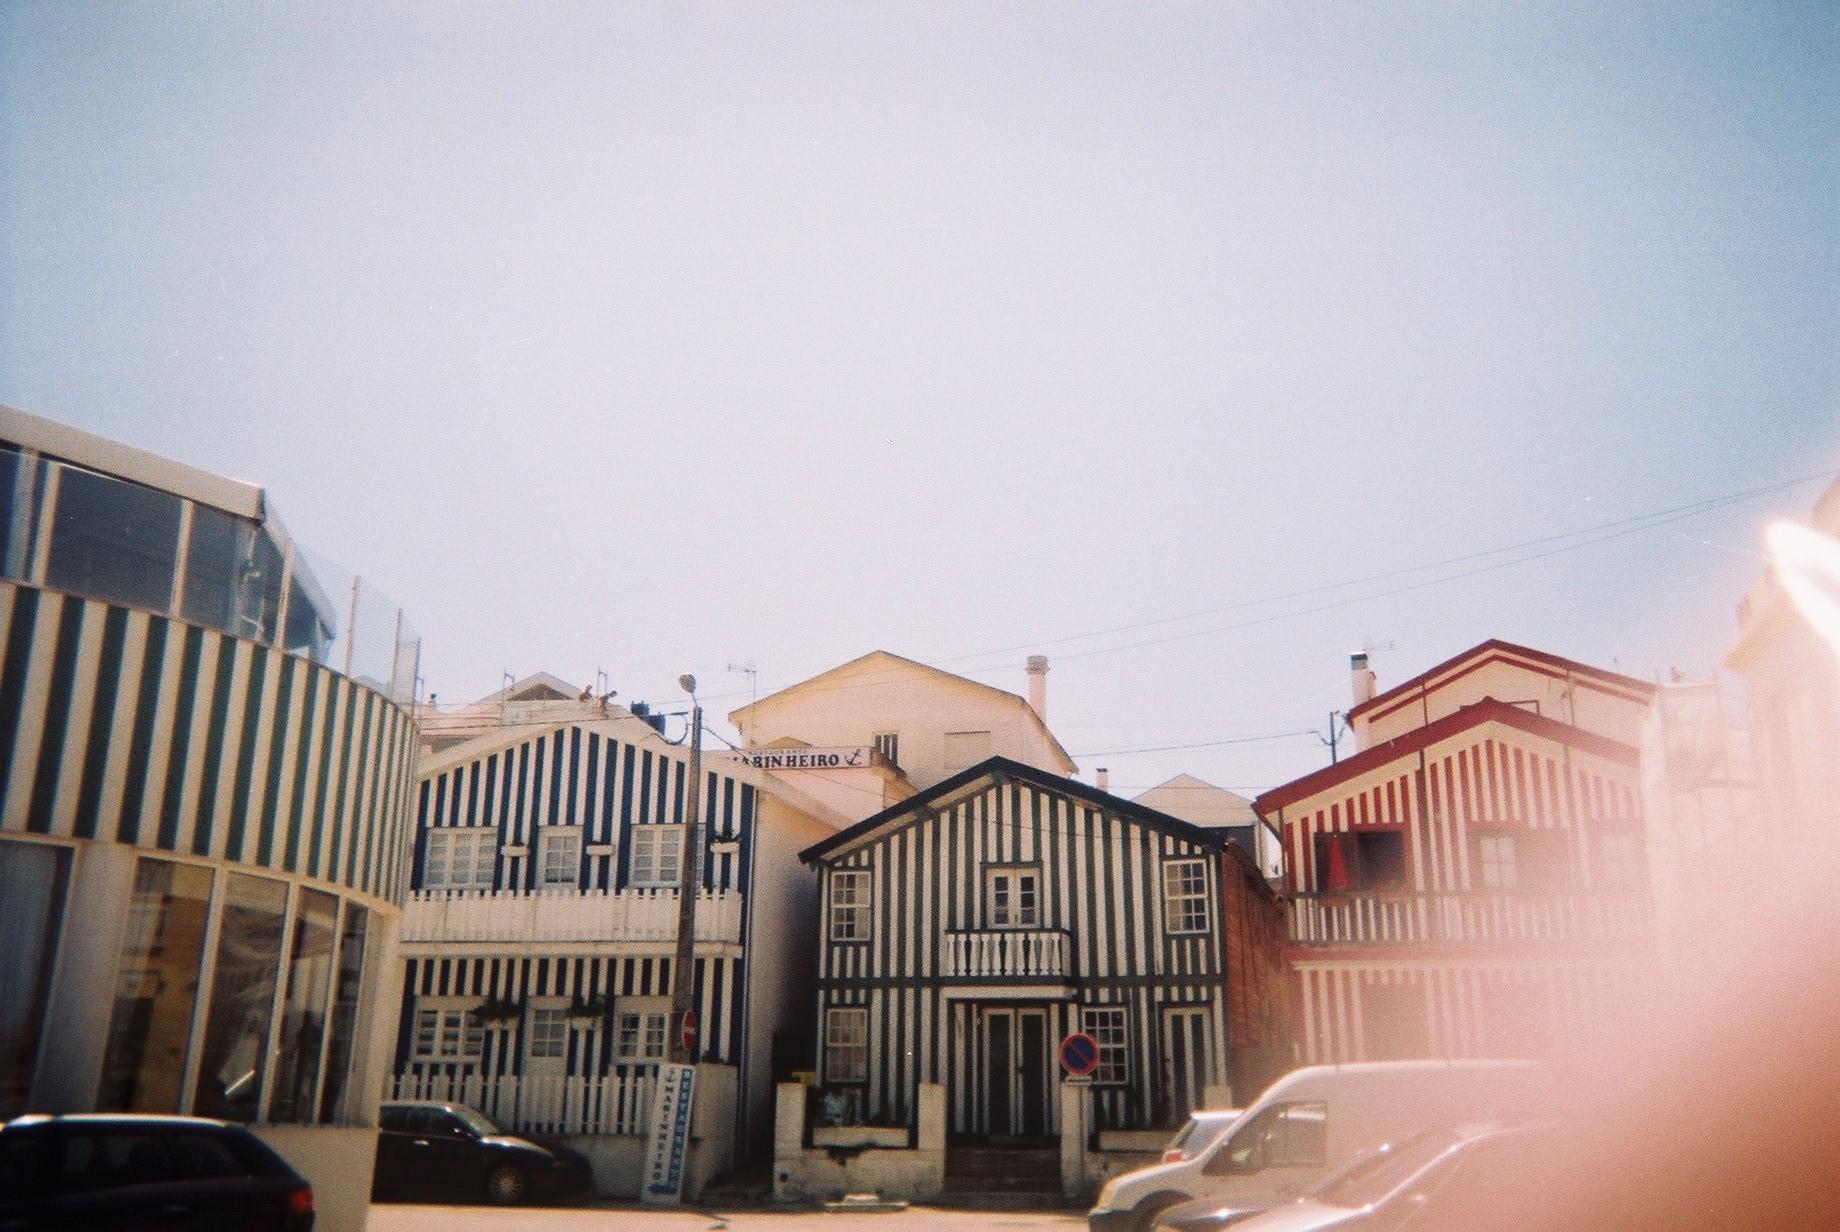 Casas da Costa Nova, Aveiro | wide image